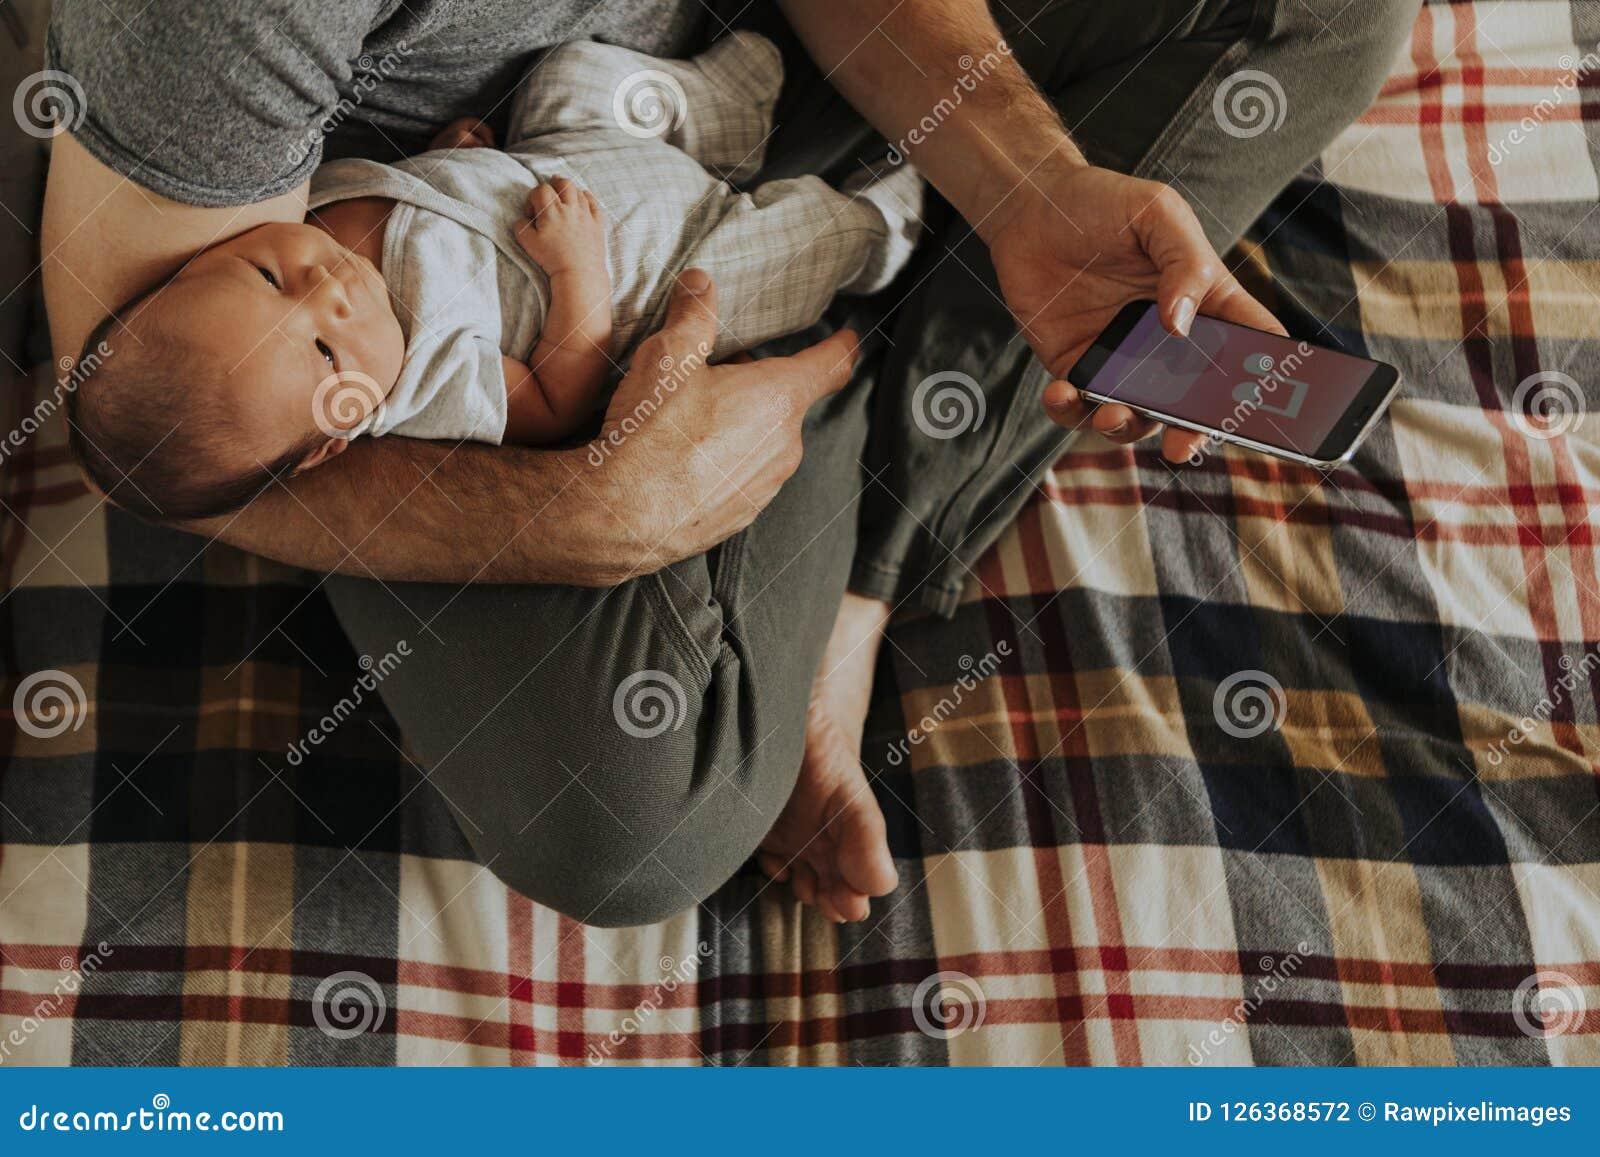 Bringen Sie das Halten seines Babys bei der Anwendung seines Telefons hervor